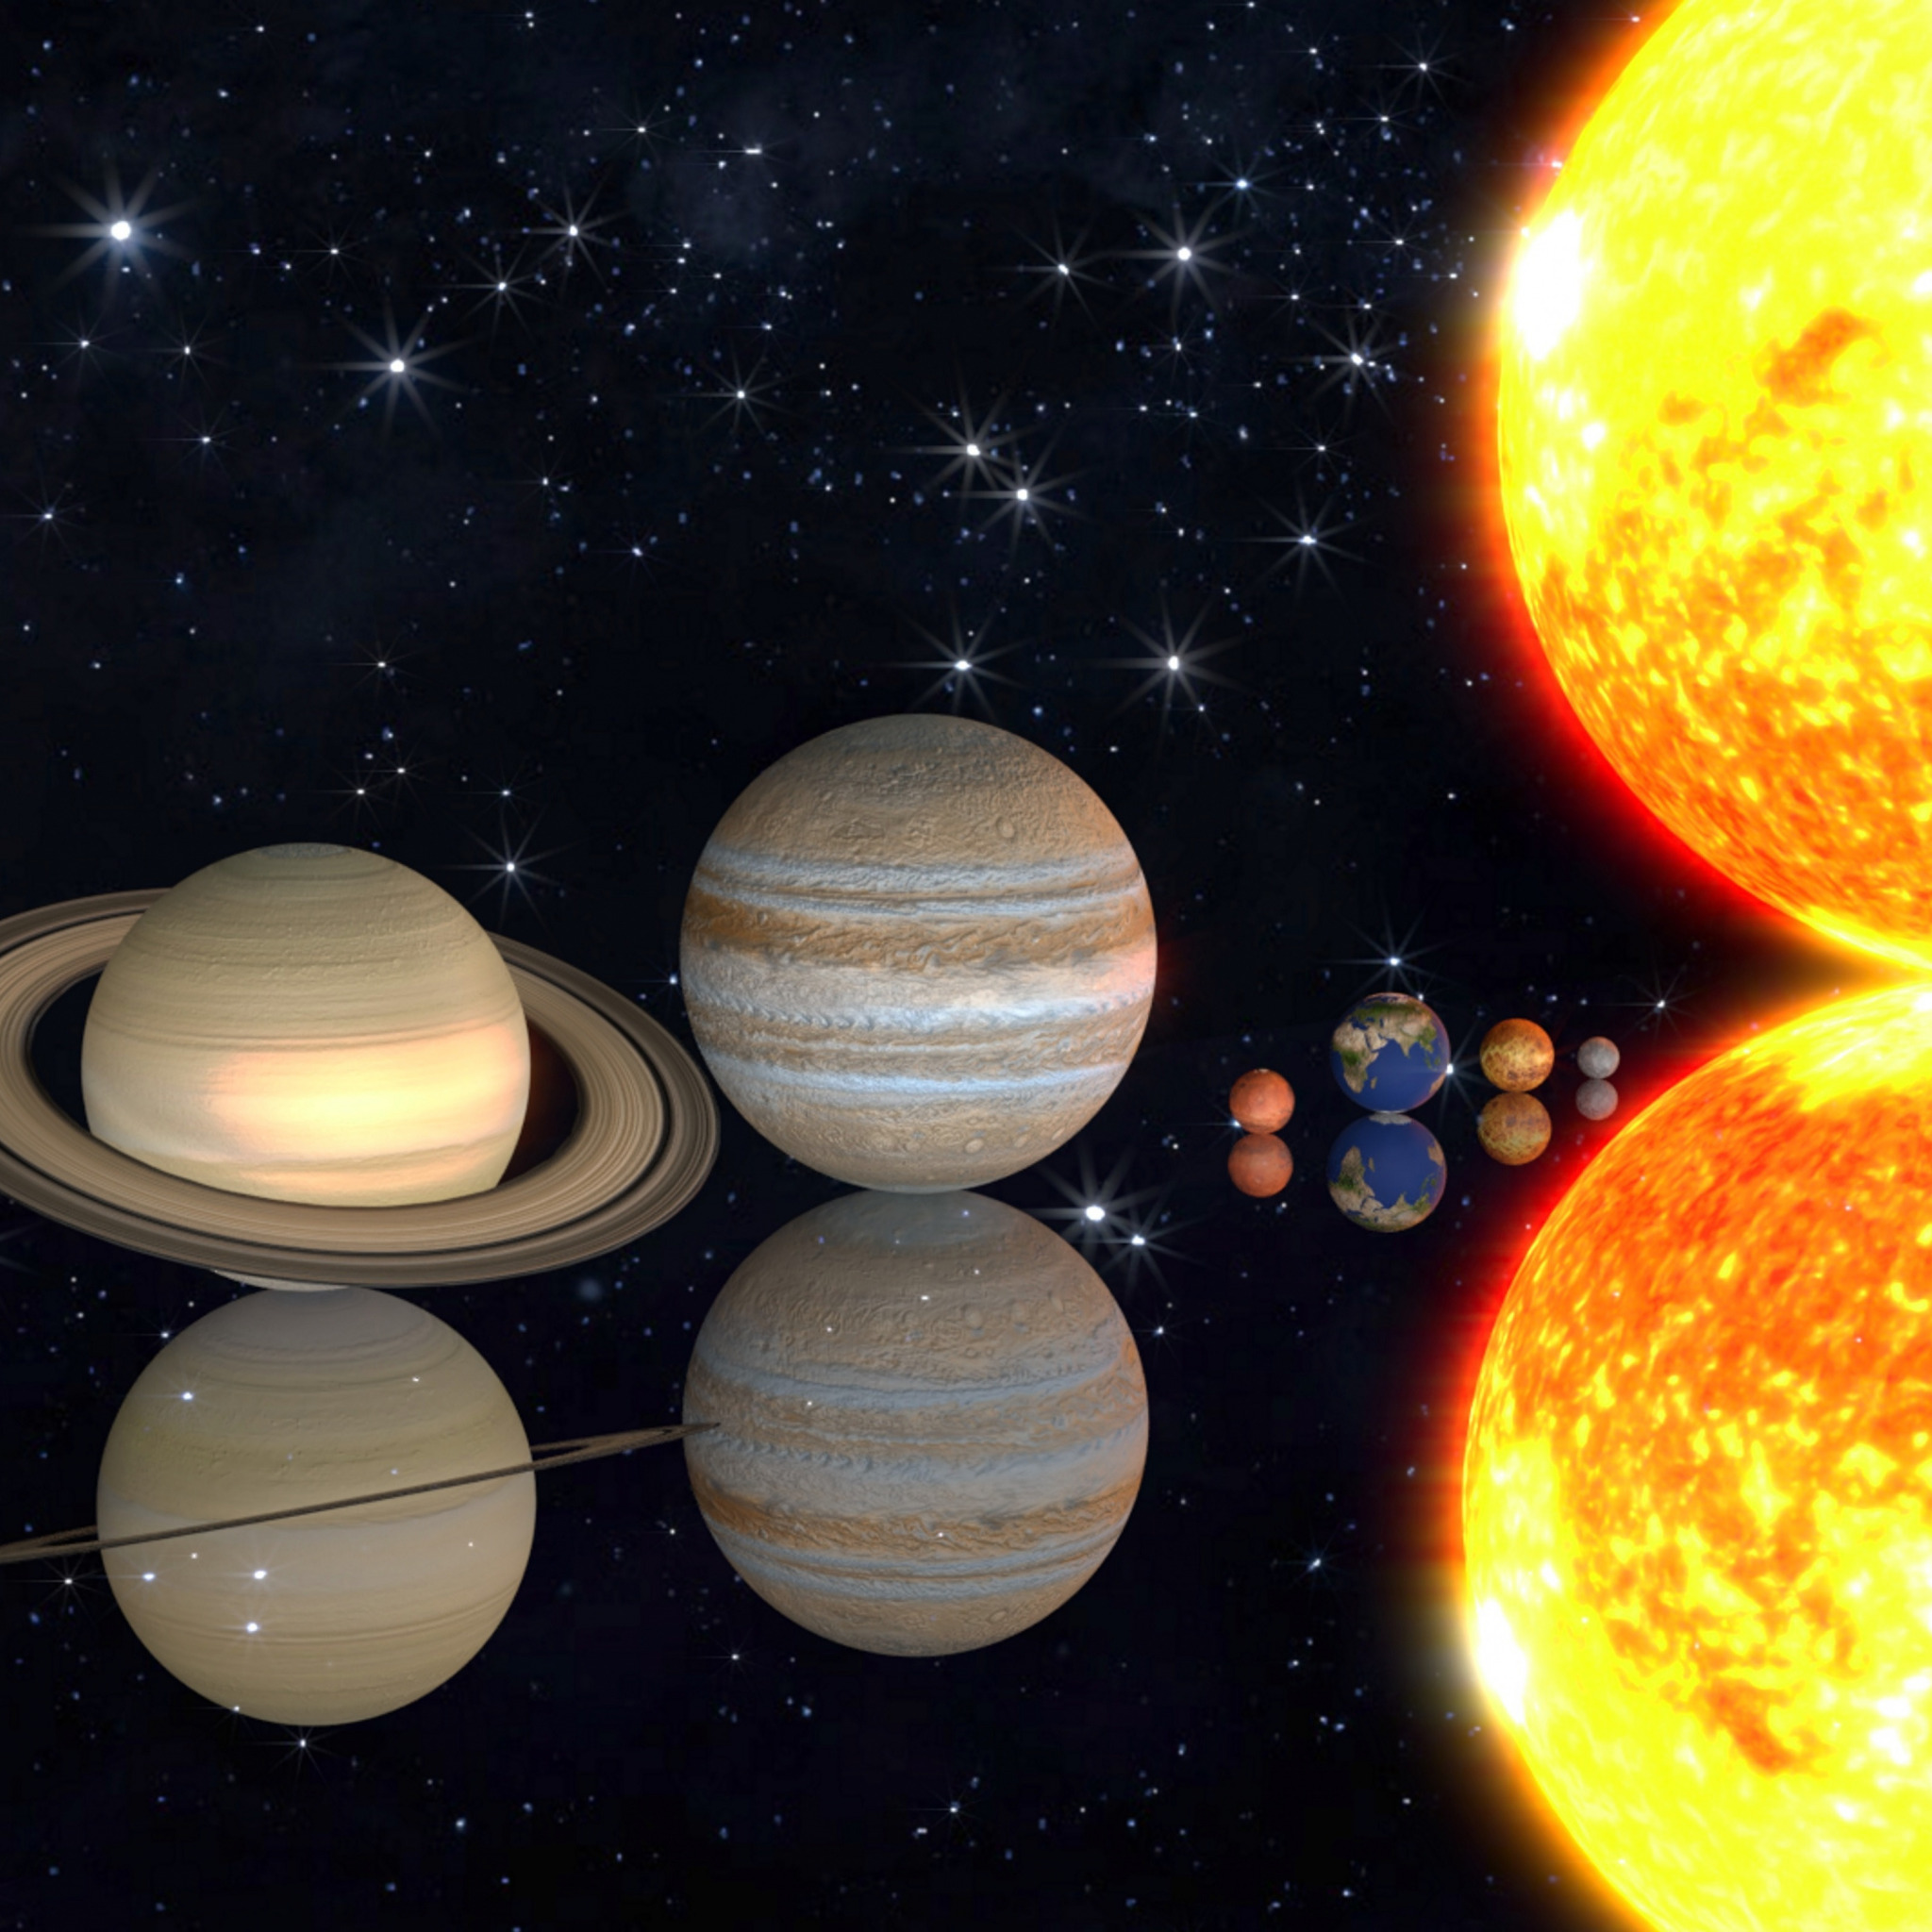 толпы смотреть фото планет солнечной системы постановкой новой модели